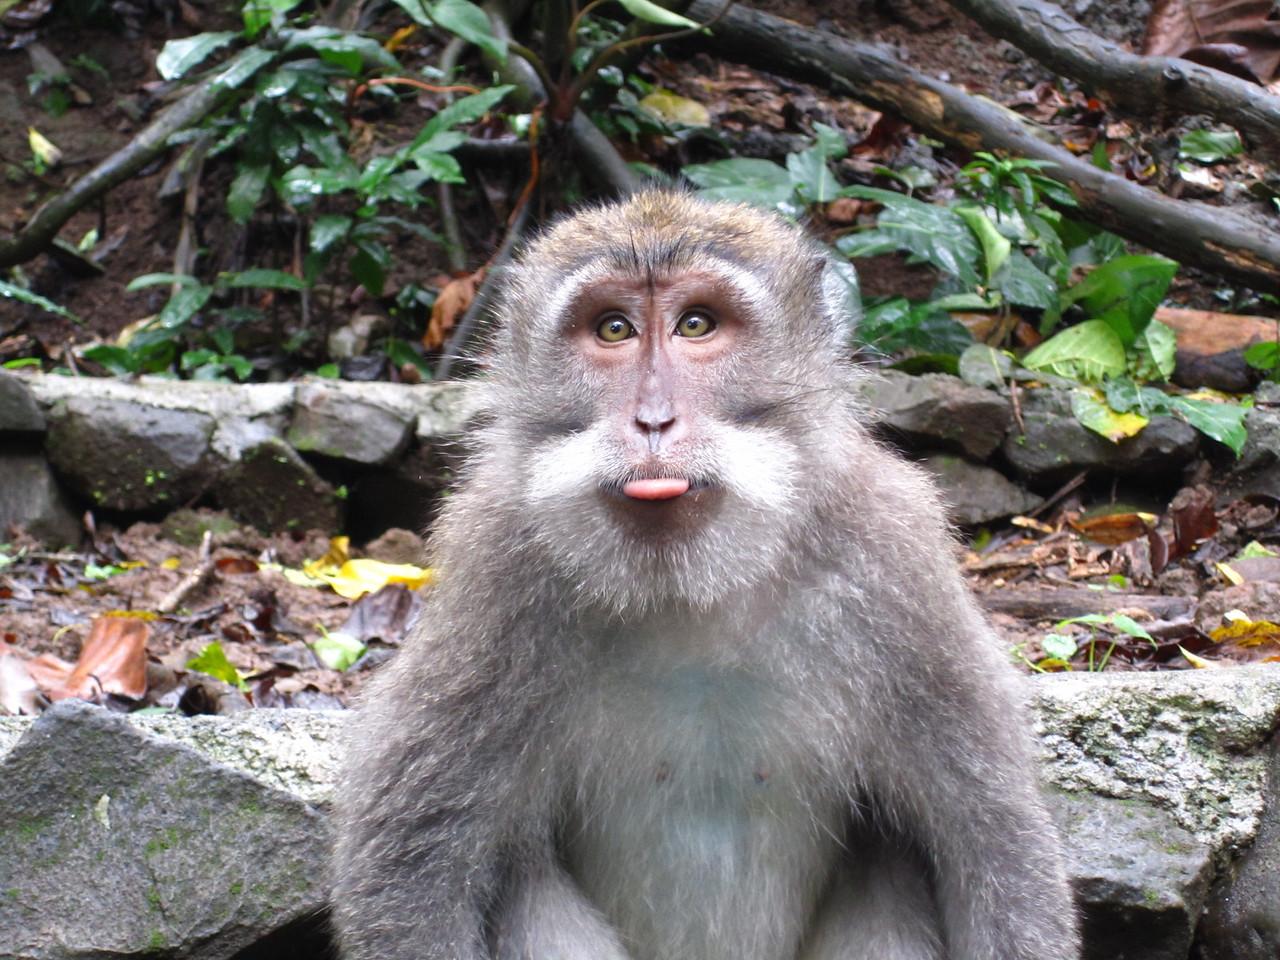 No he didn't!  Cheeky monkey!